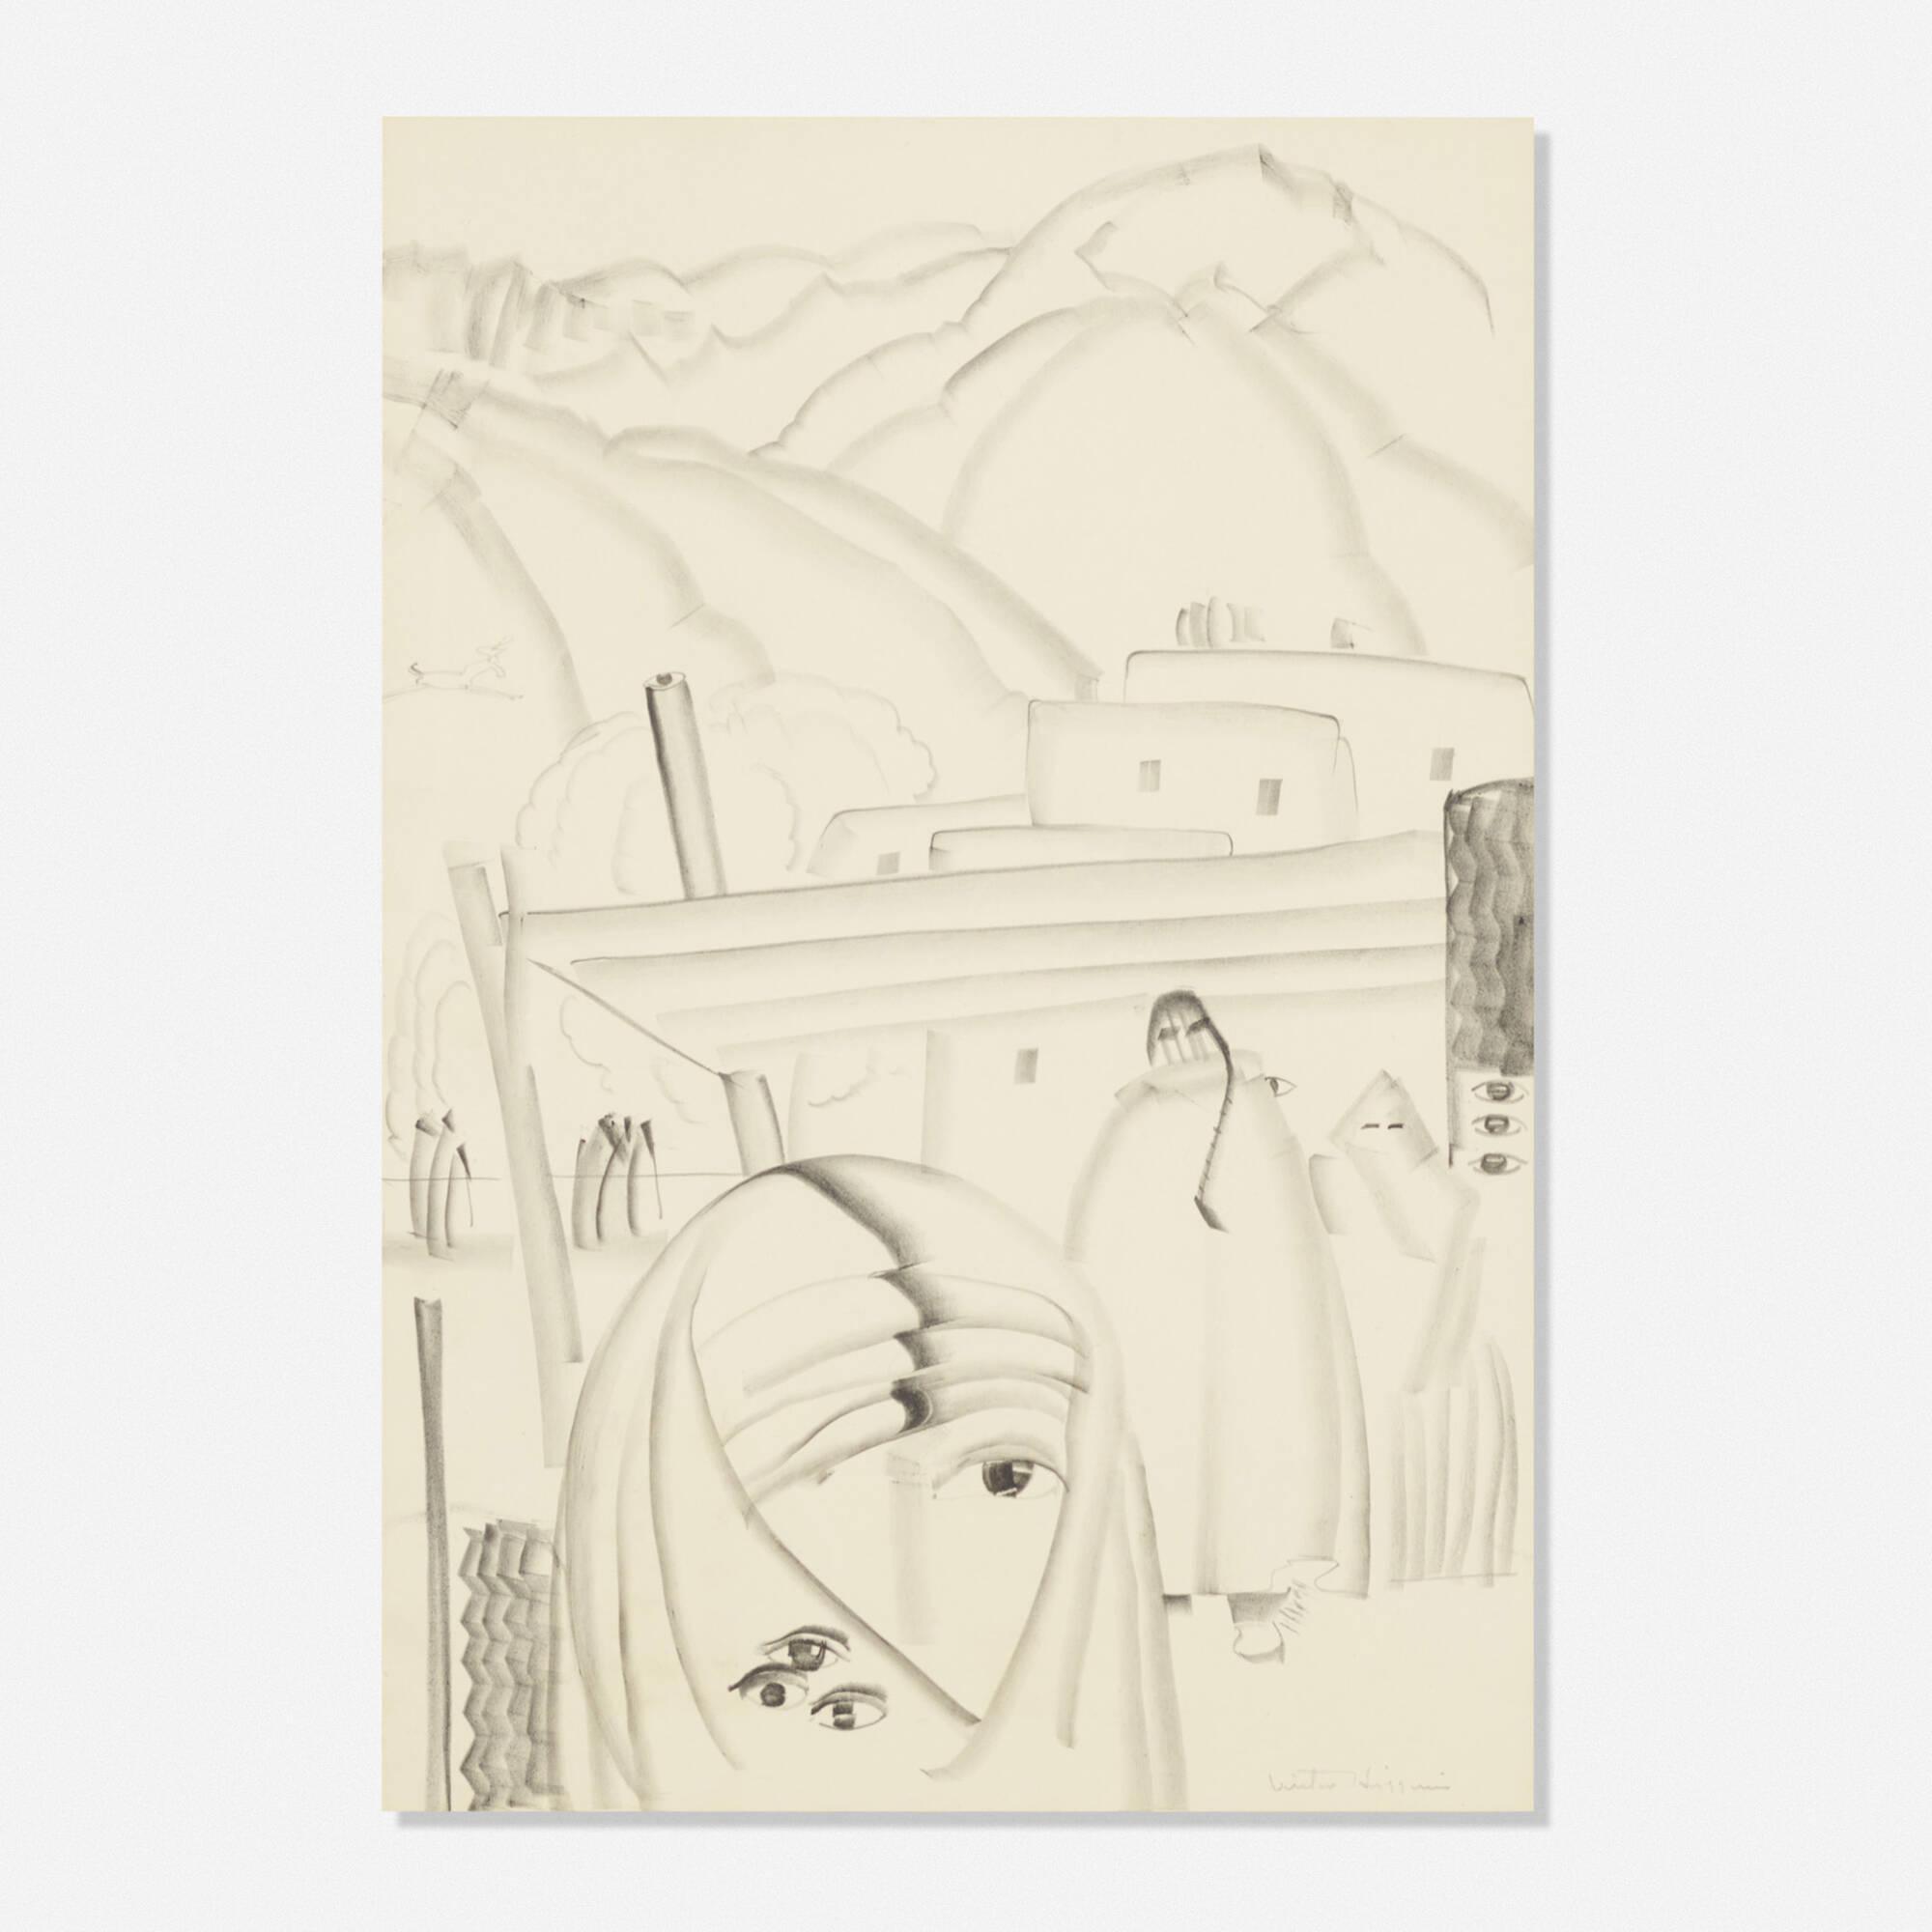 218: Victor Higgins / Untitled (1 of 1)